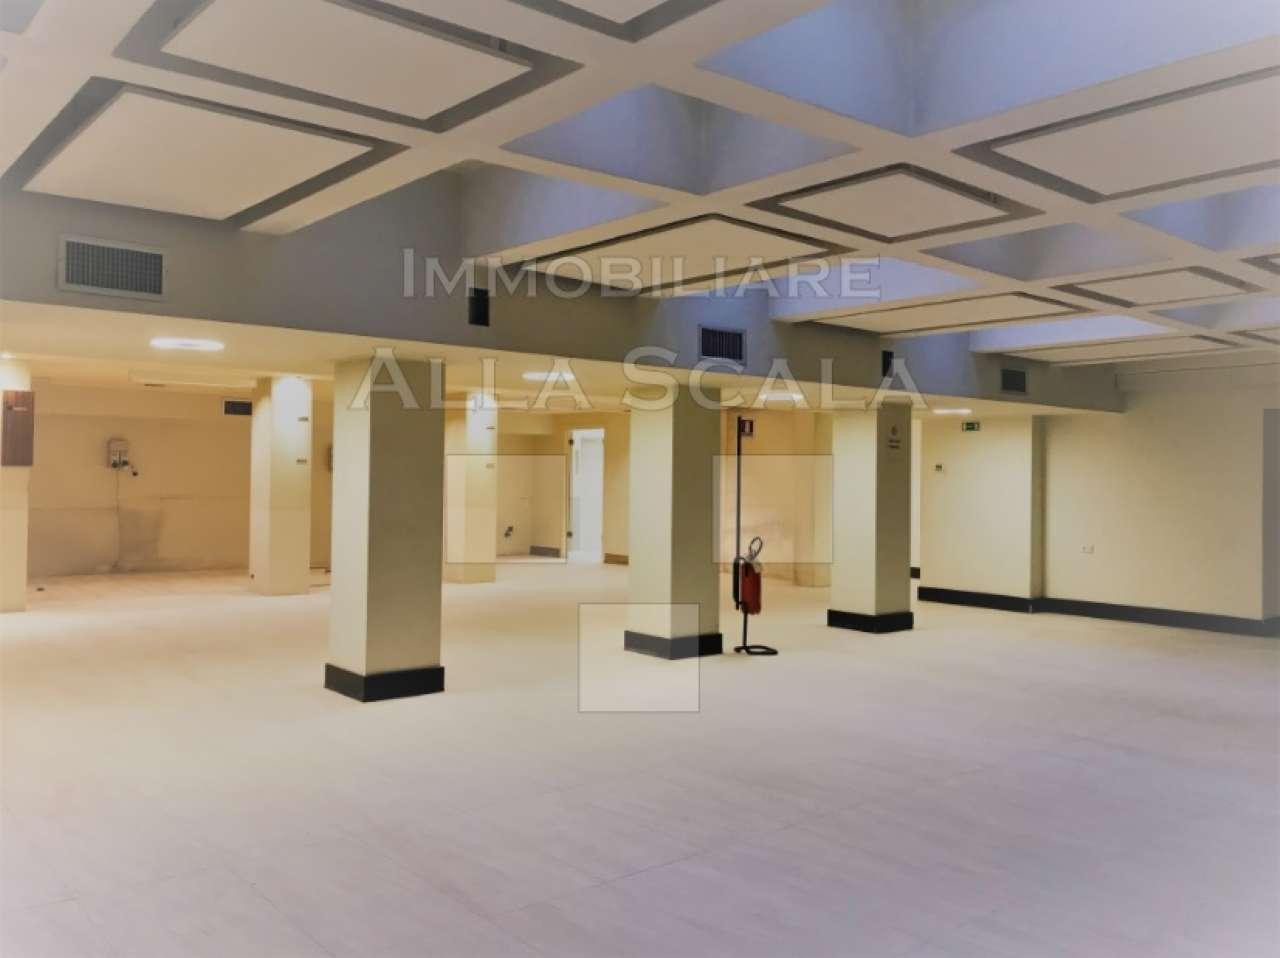 Negozio-locale in Affitto a Milano 01 Centro storico (Cerchia dei Navigli): 2 locali, 300 mq